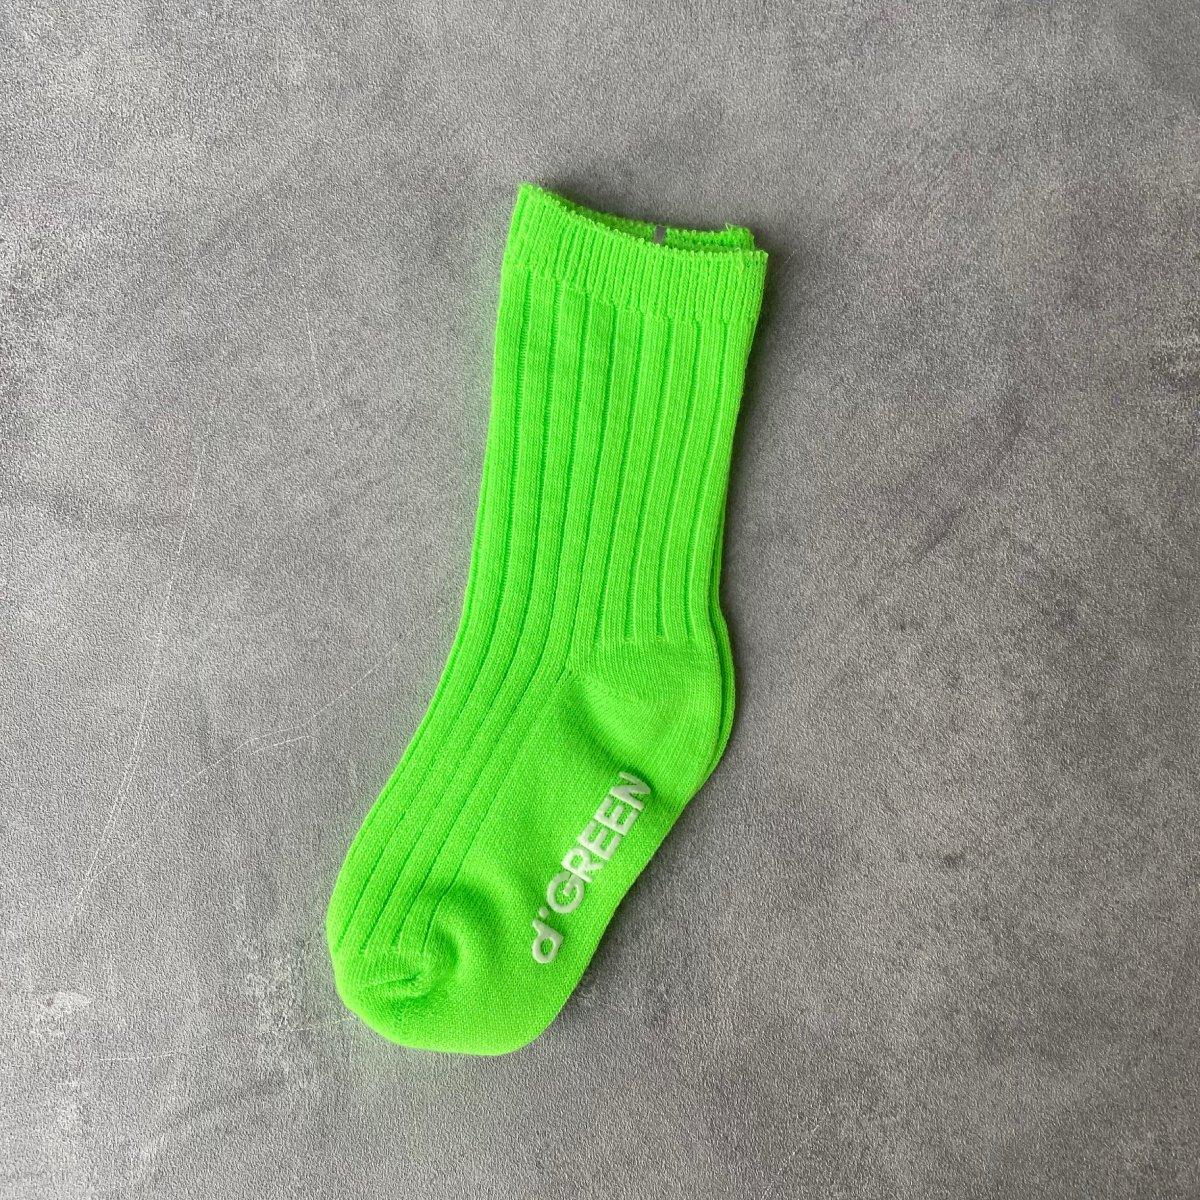 【KIDS】Neon Socks 詳細画像5